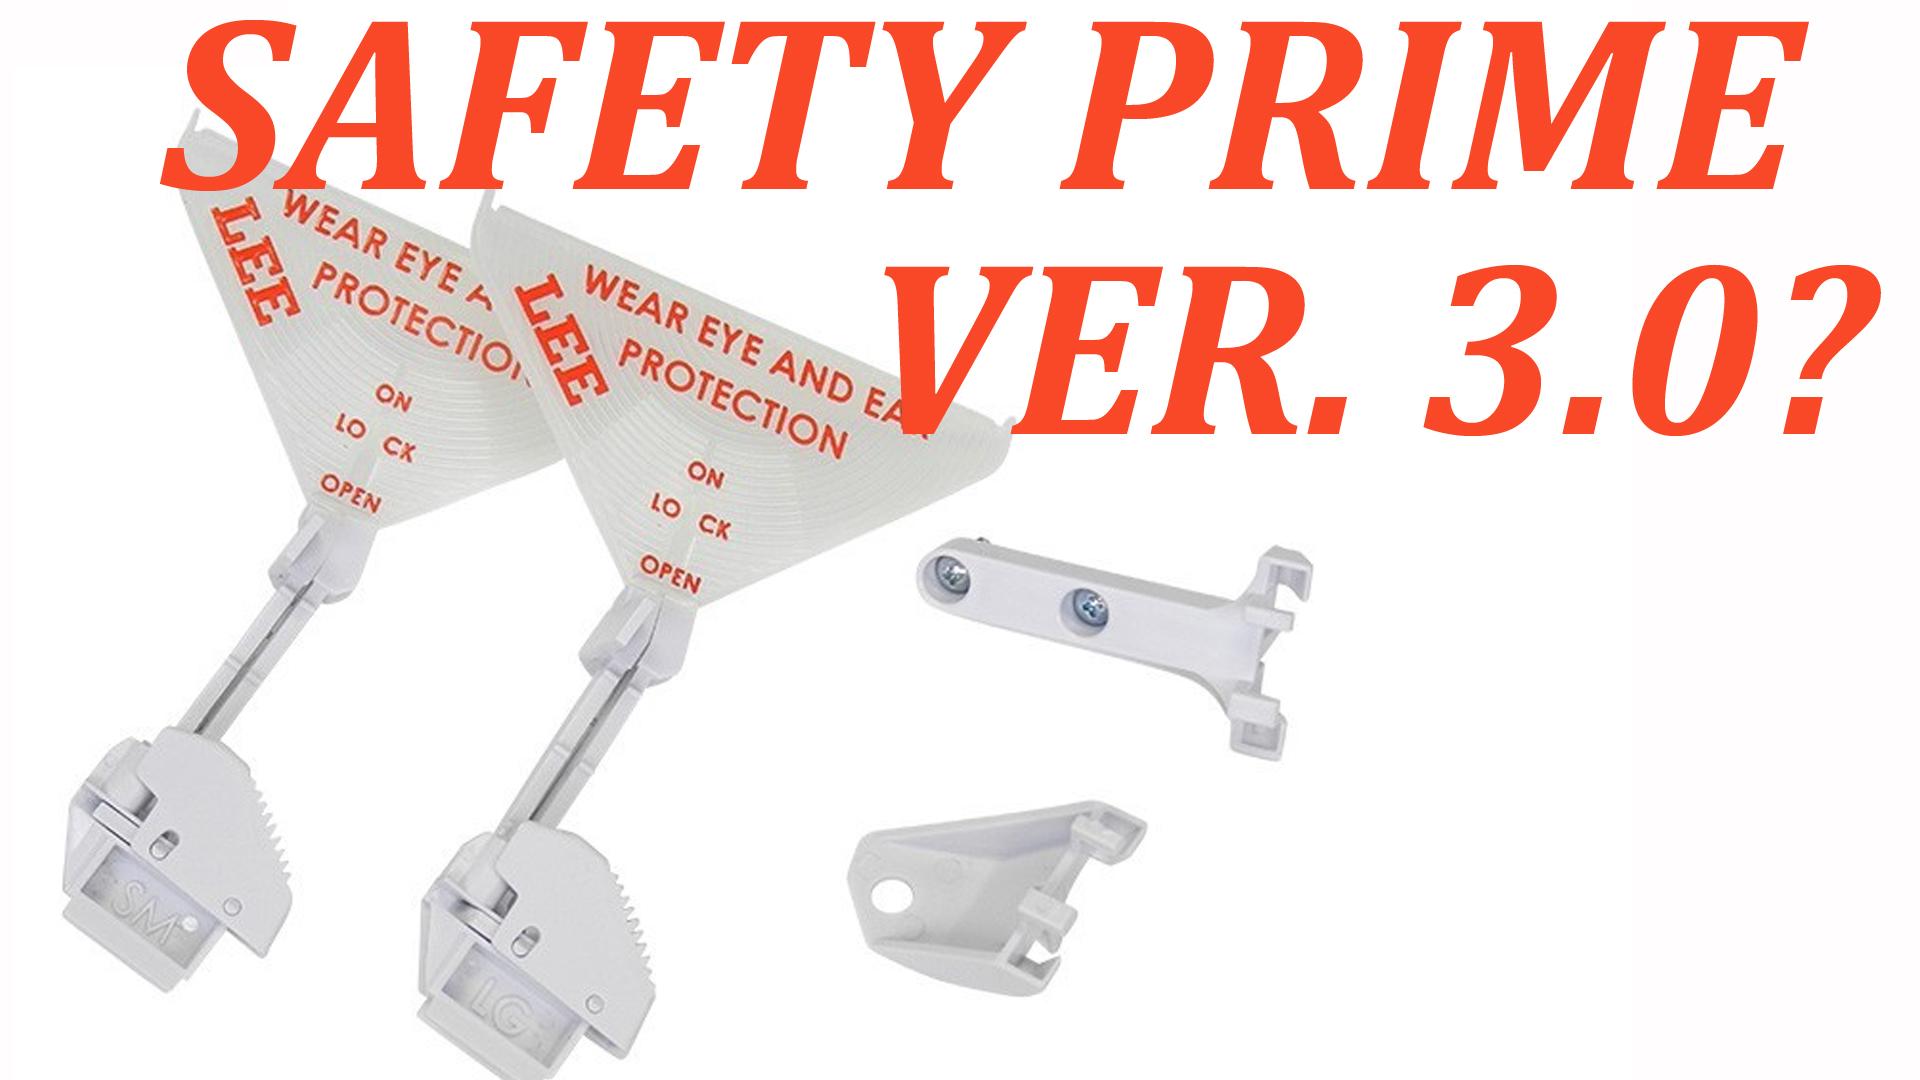 Lee safety prime copy